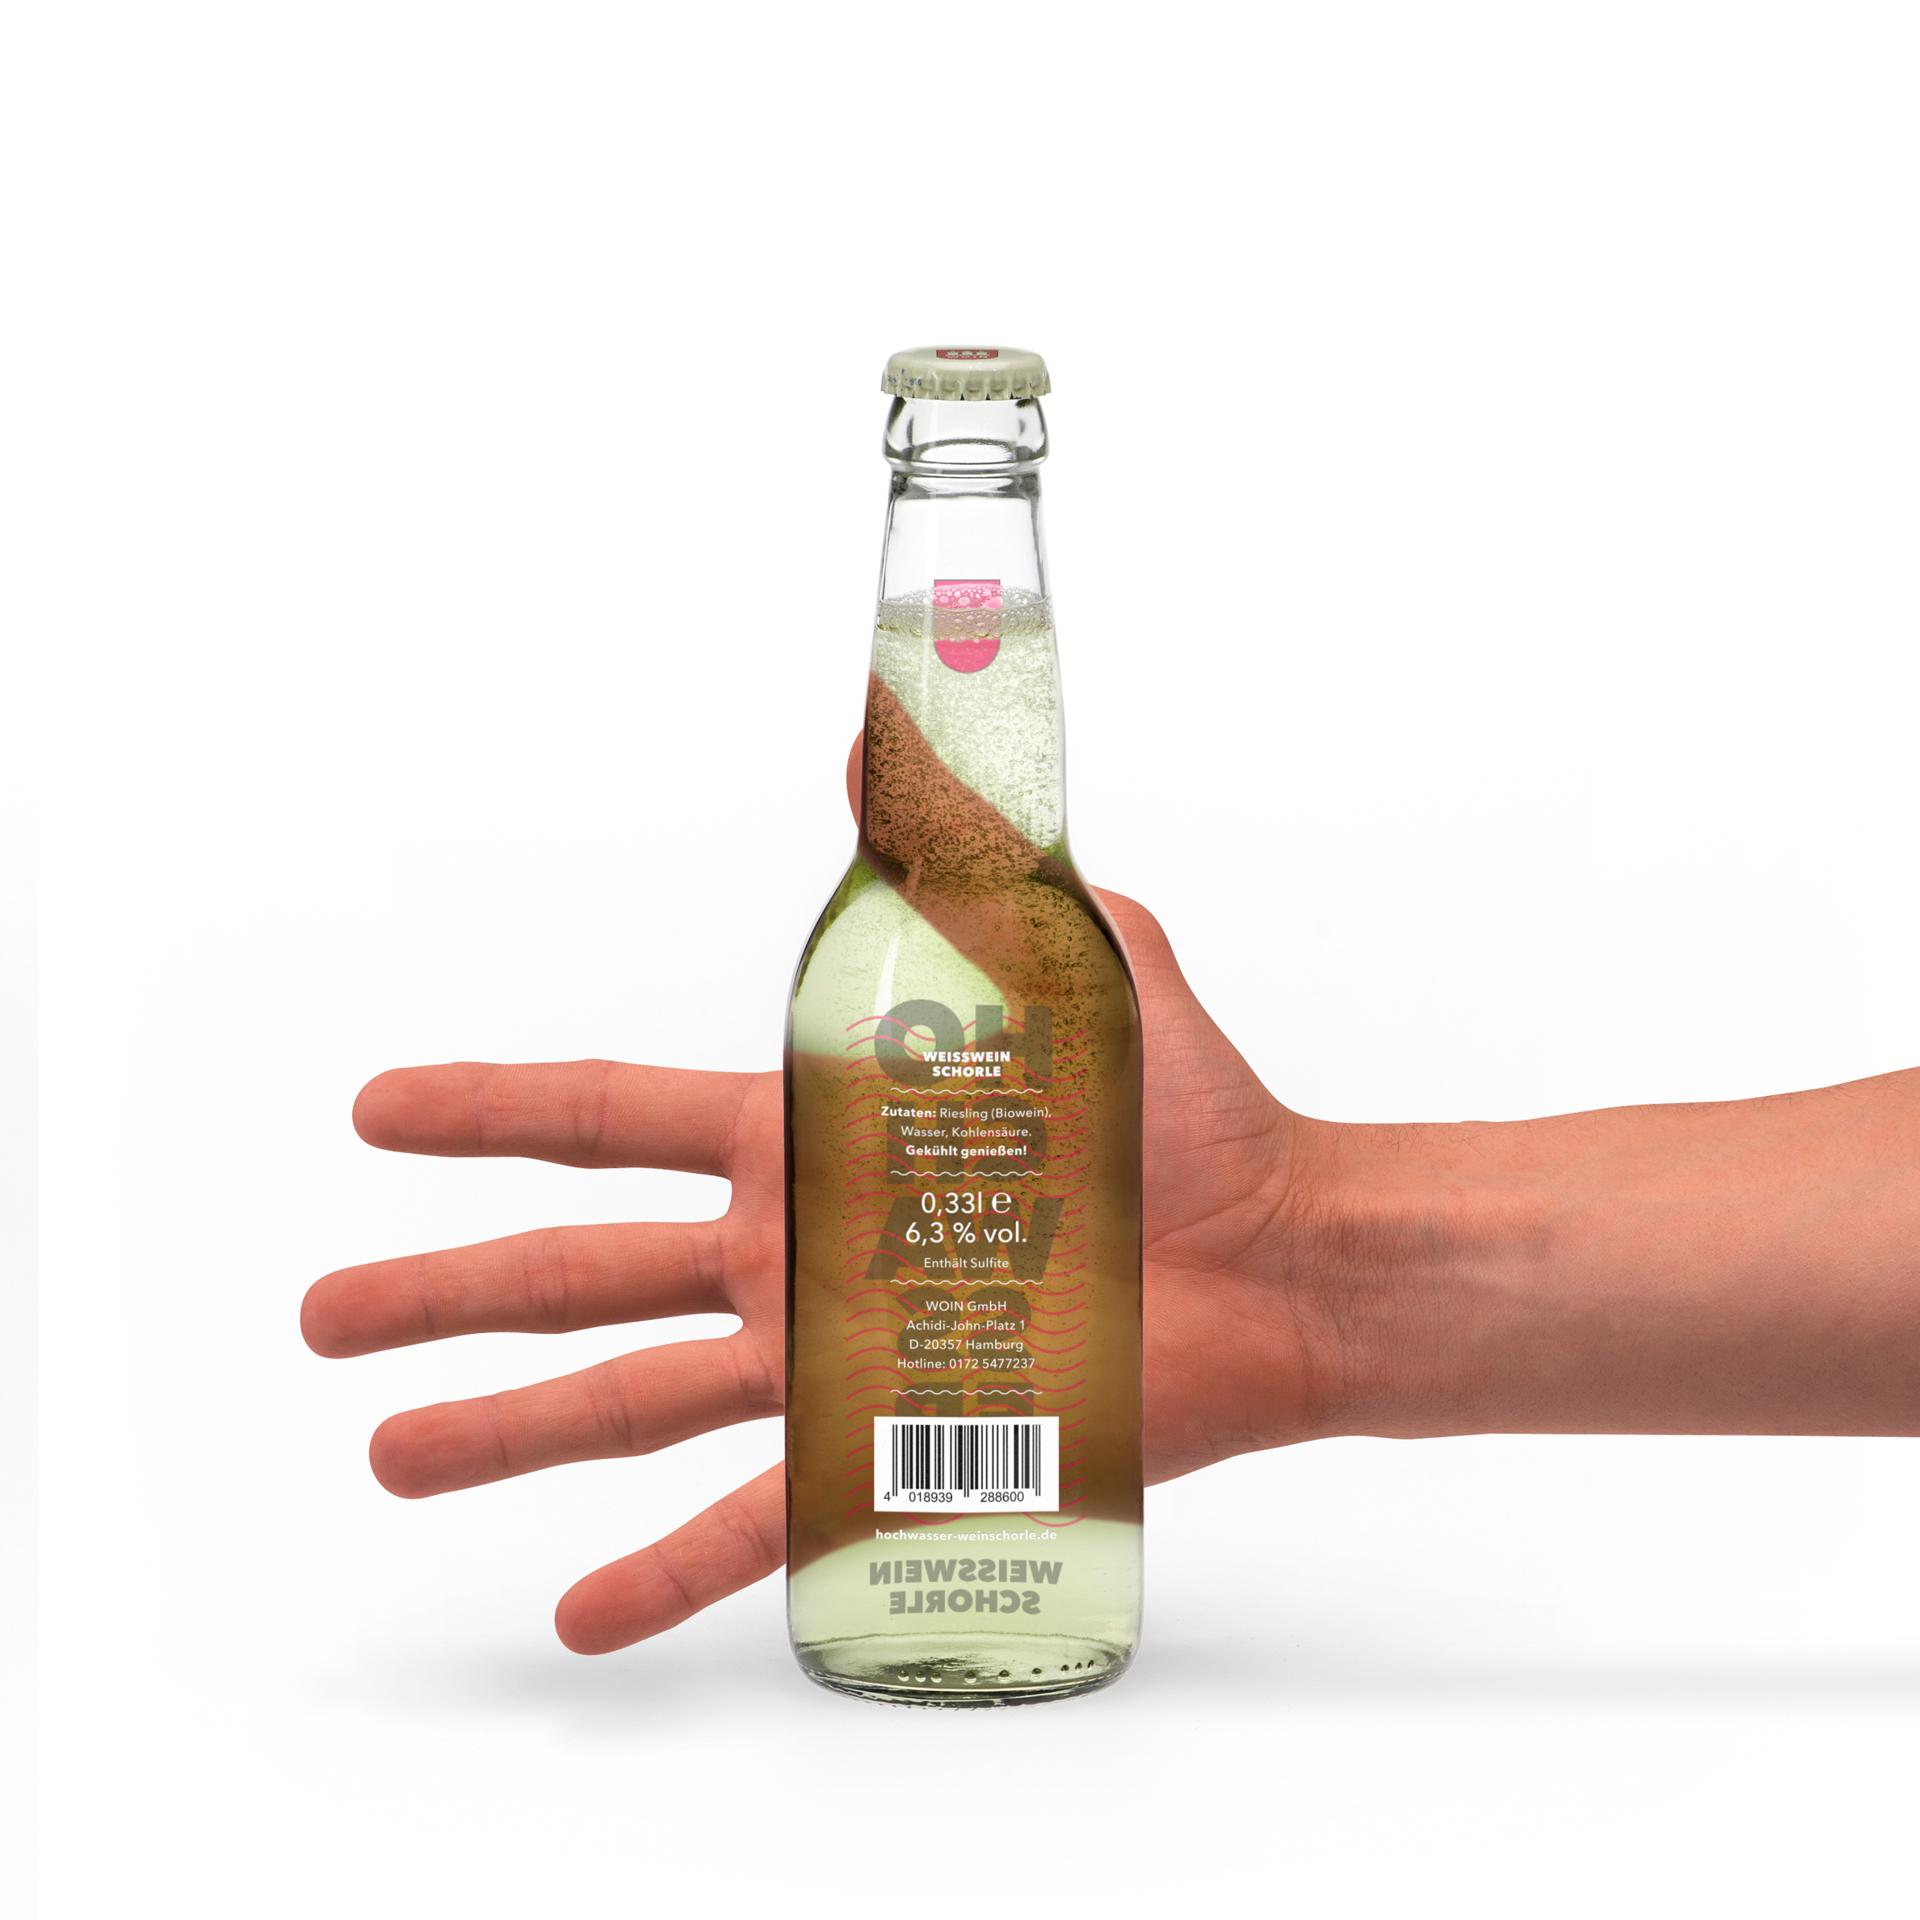 einzelflasche_hand